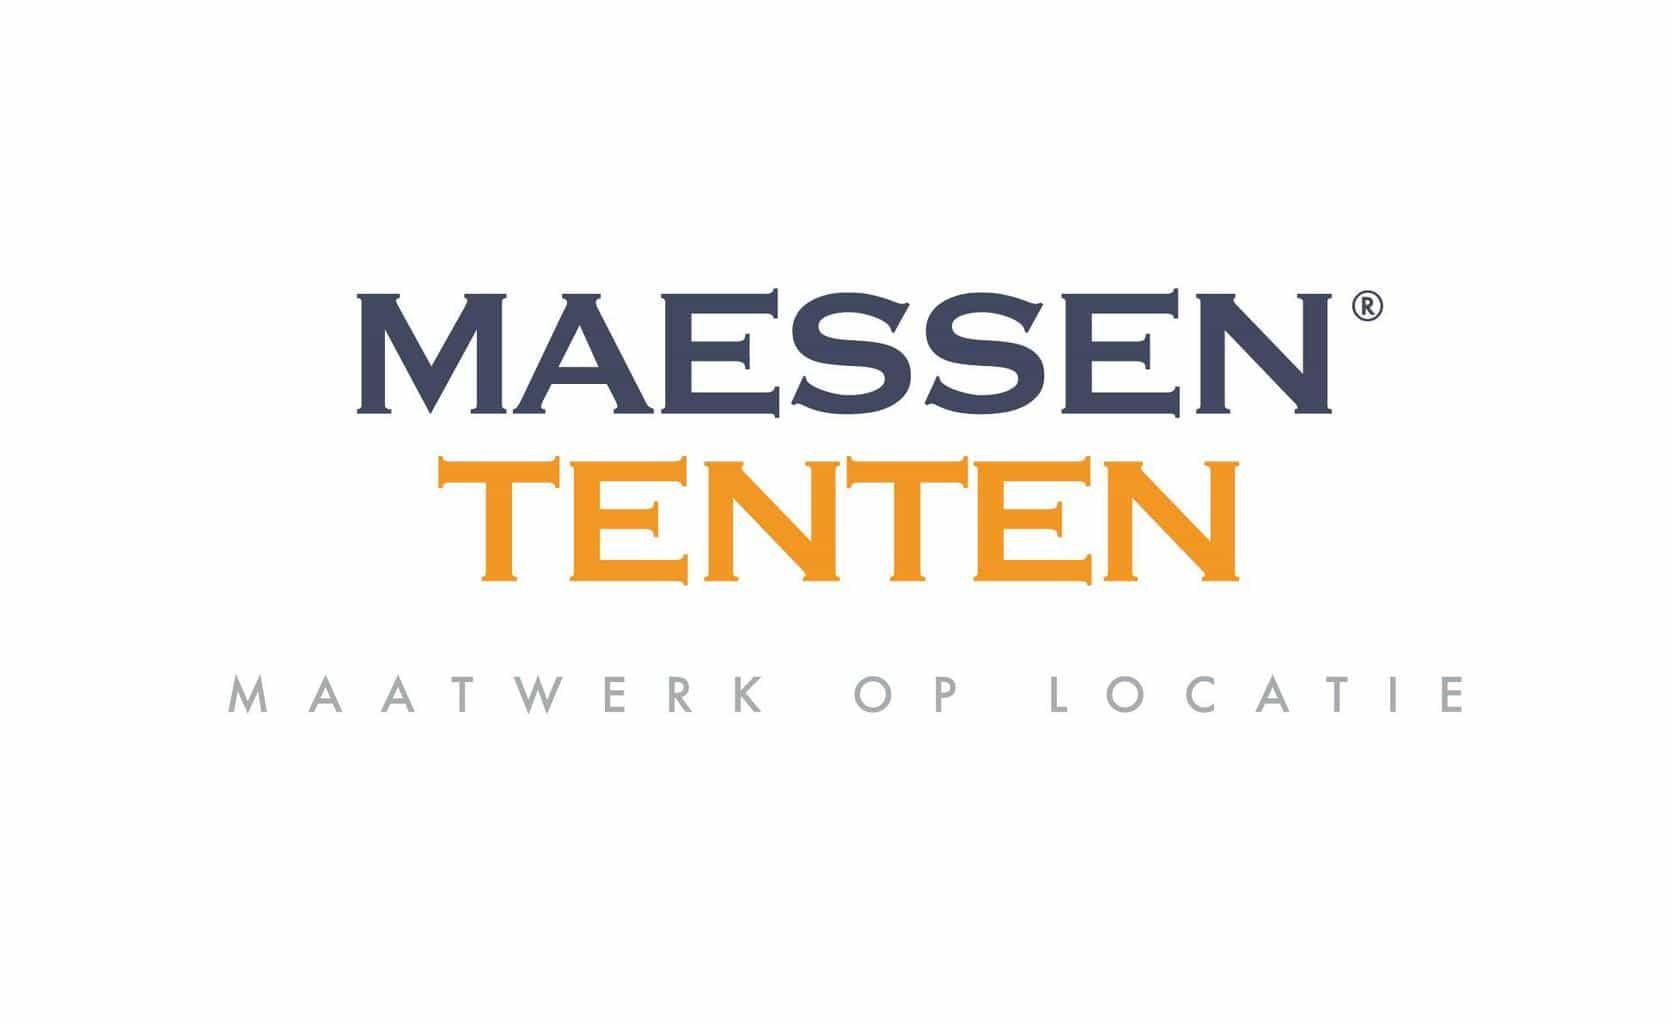 logo Maessen tenten, trouwen, stijlvolle tenten op je huwelijken, trouwen en tent, trouwen in een tent, feesten in een tent